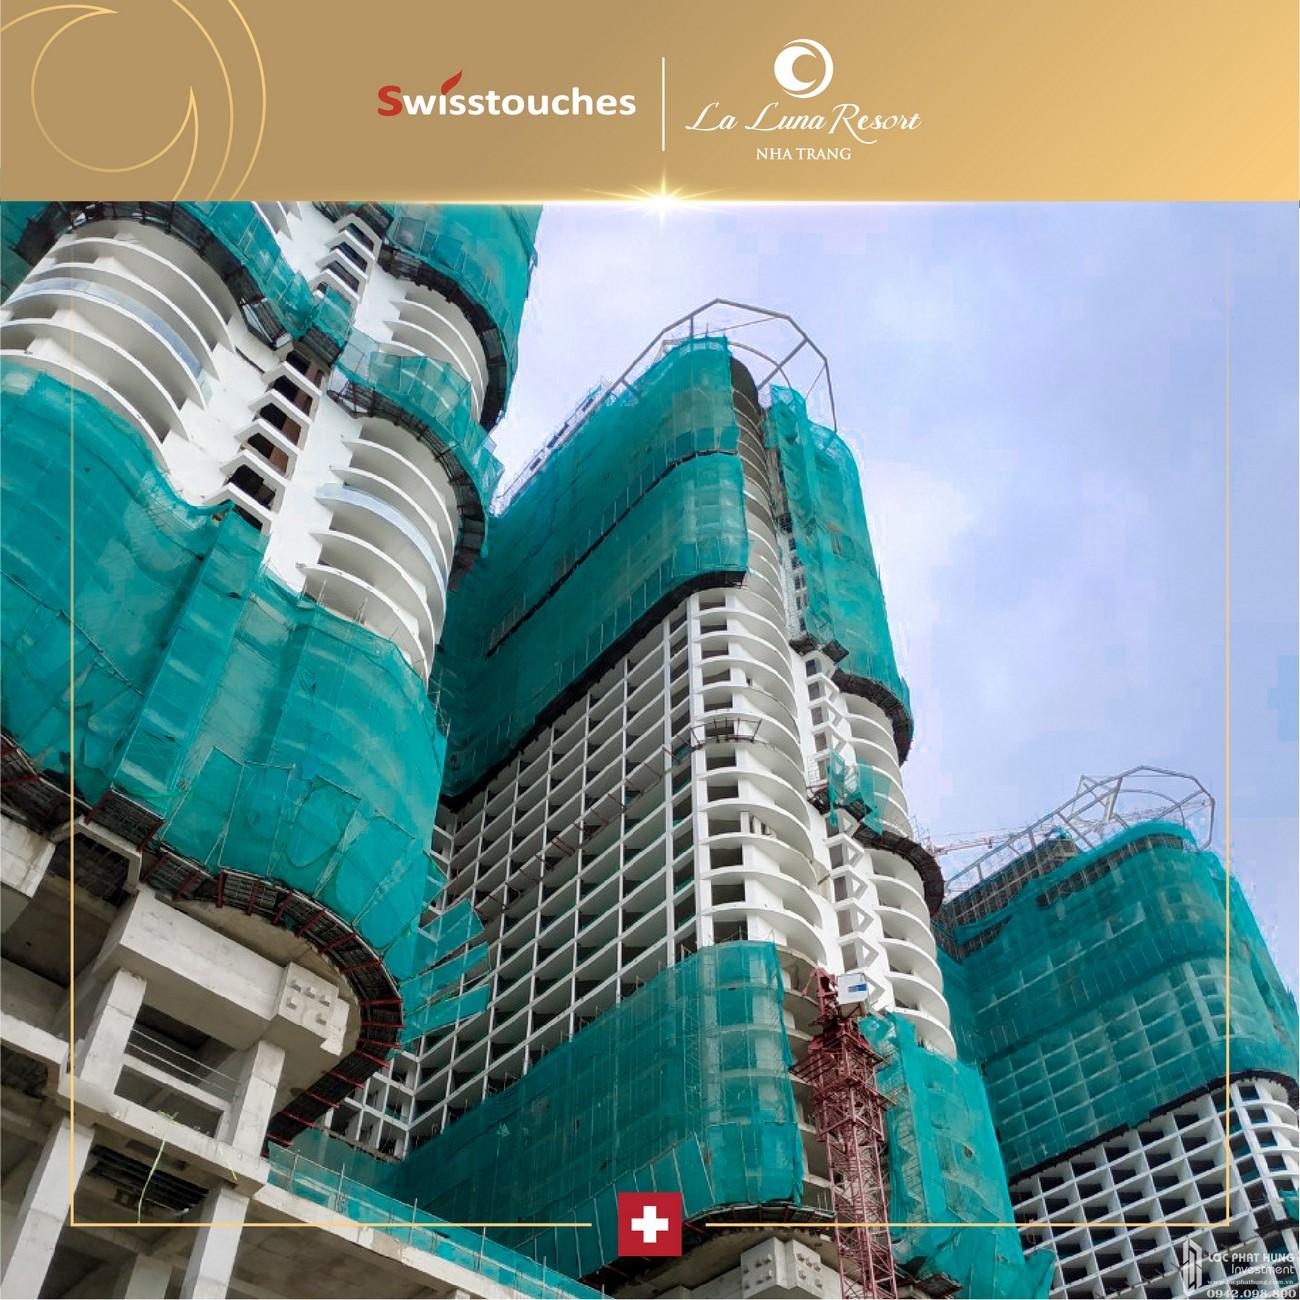 Tiến độ xây dựng dự án căn hộ condotel La Luna Nha Trang 11/2019